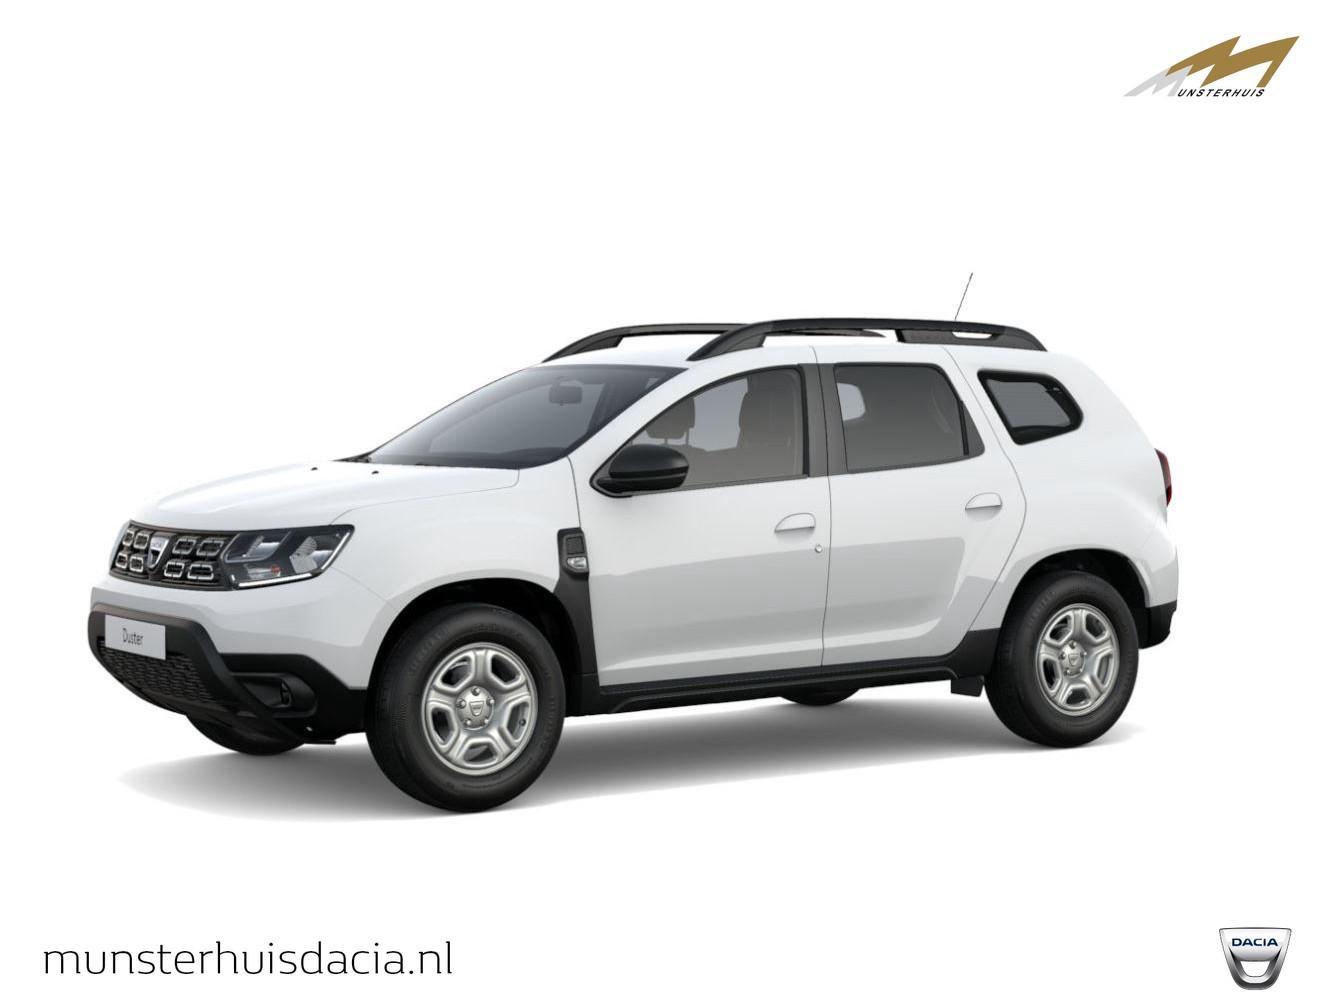 Dacia Duster Tce 100 comfort - nieuw